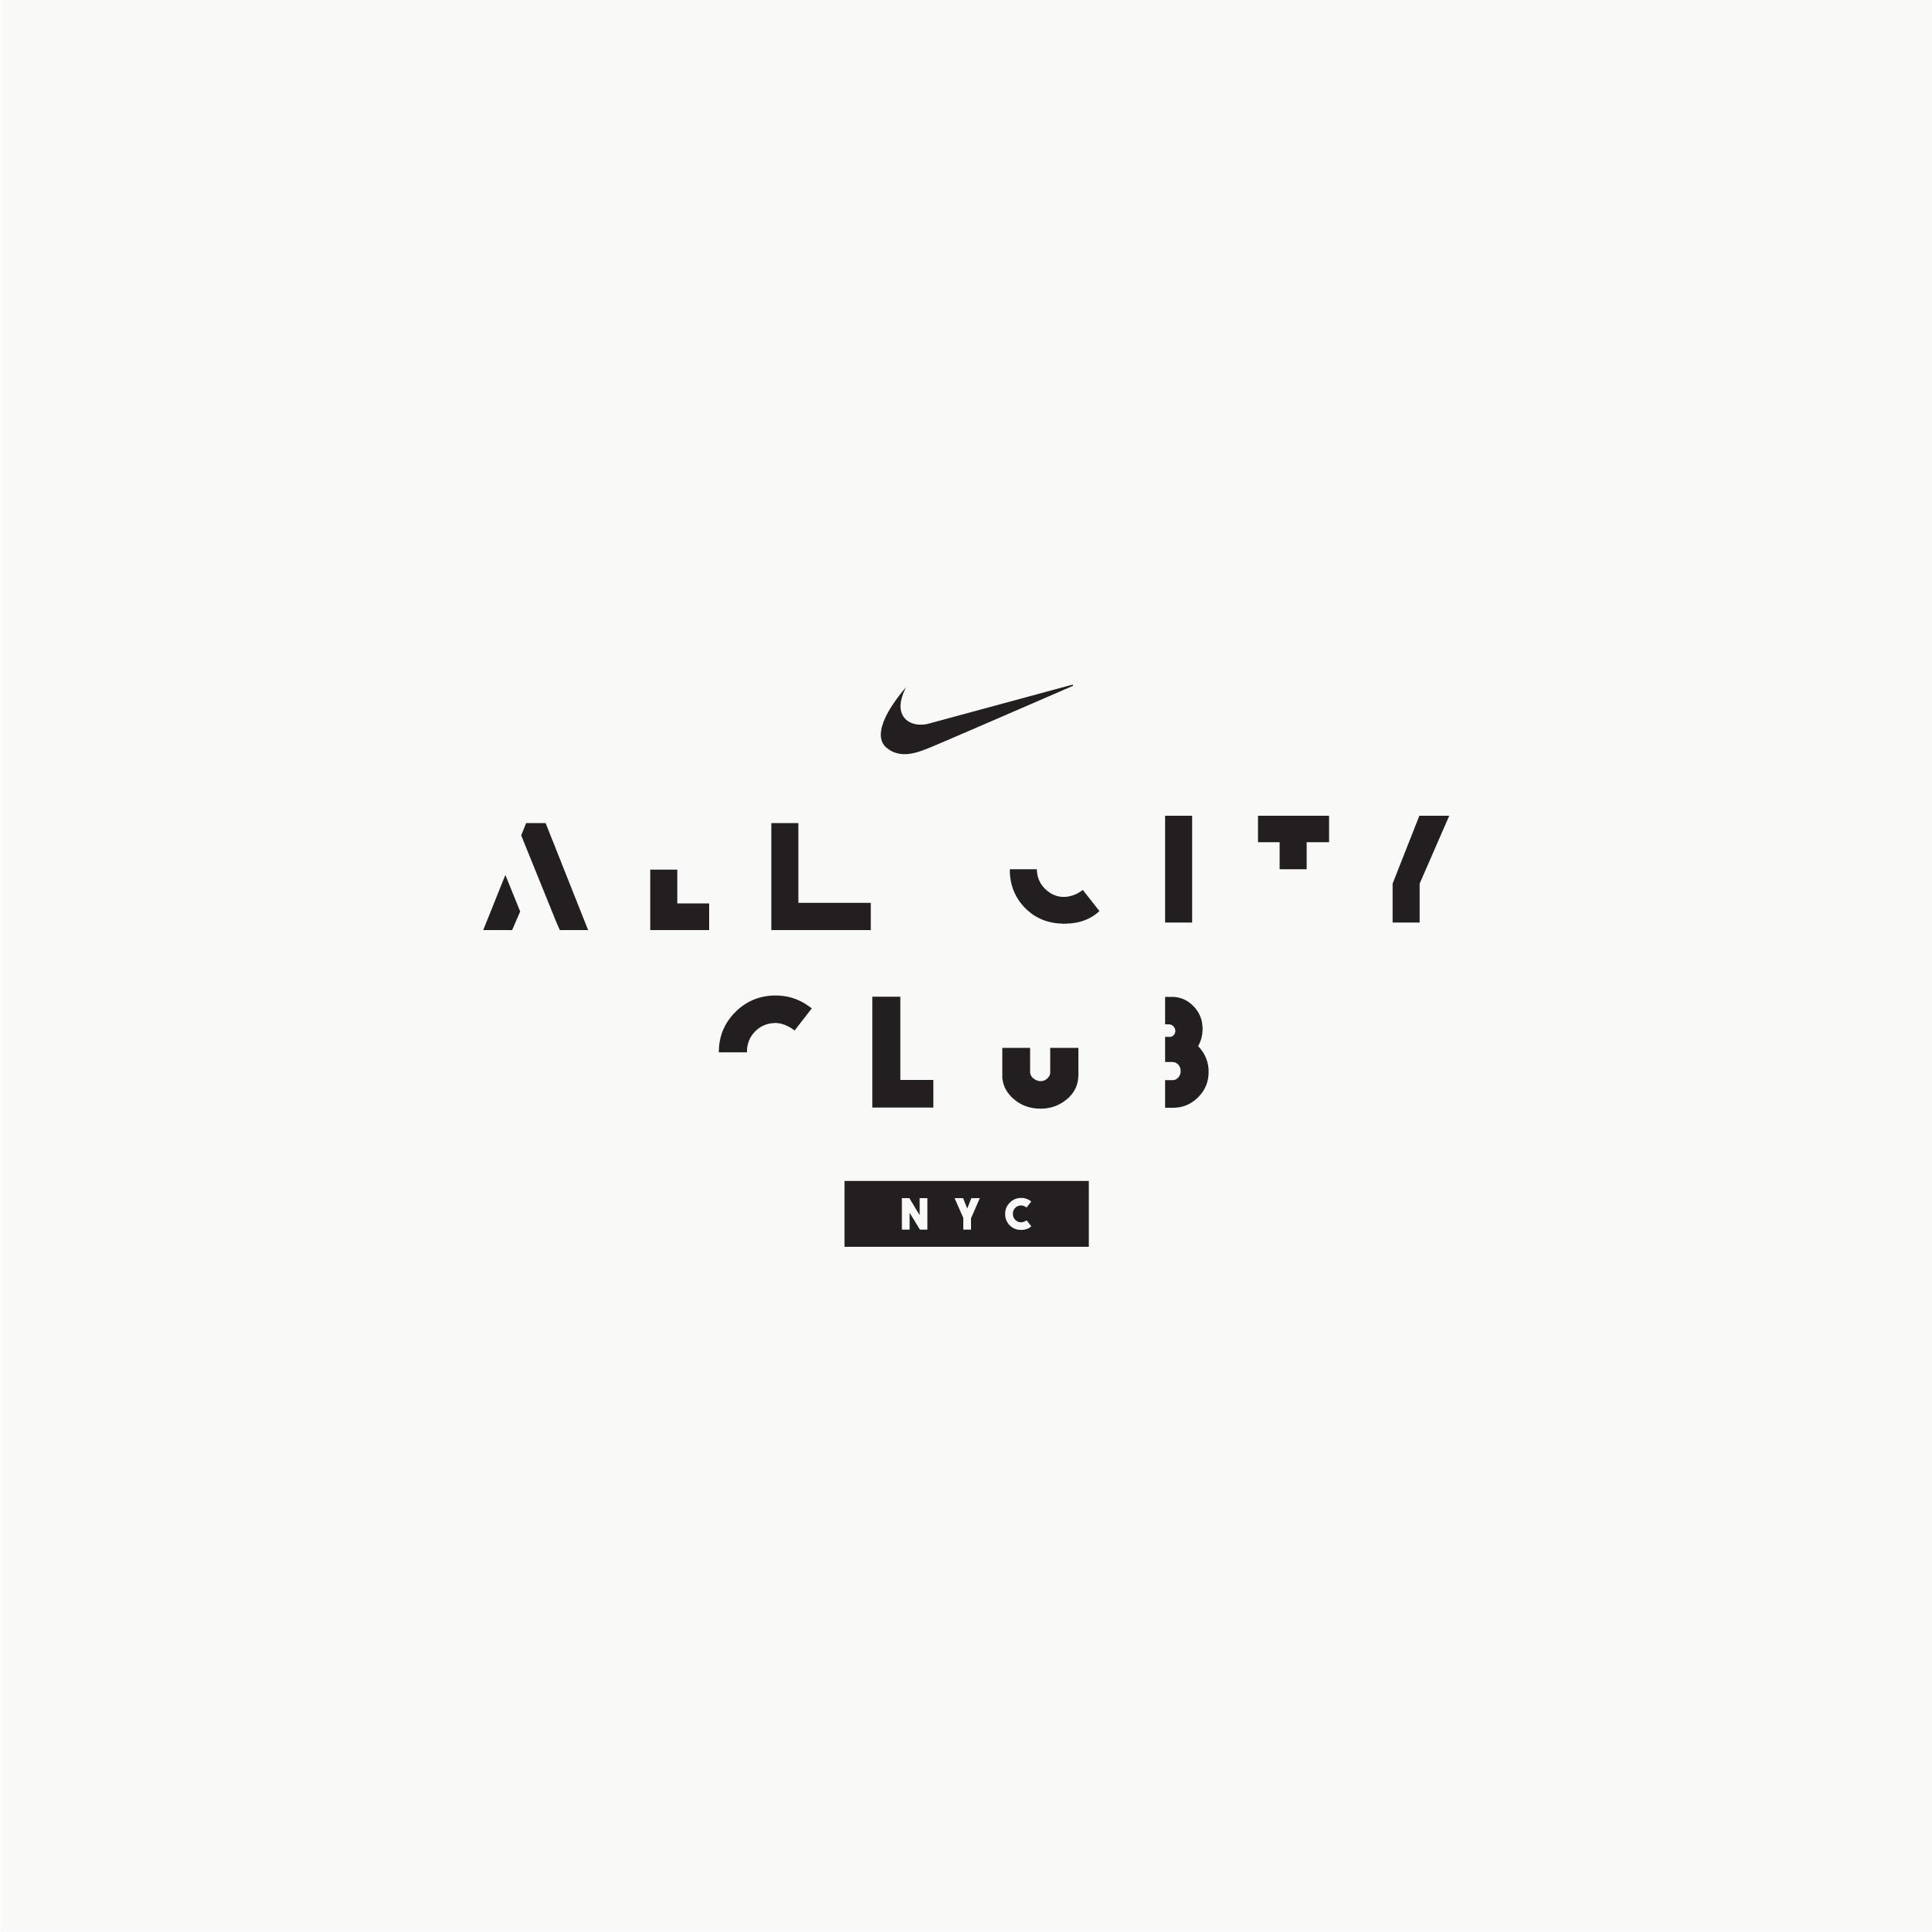 TBS_LogosMarks_NikeAllCityClub_2